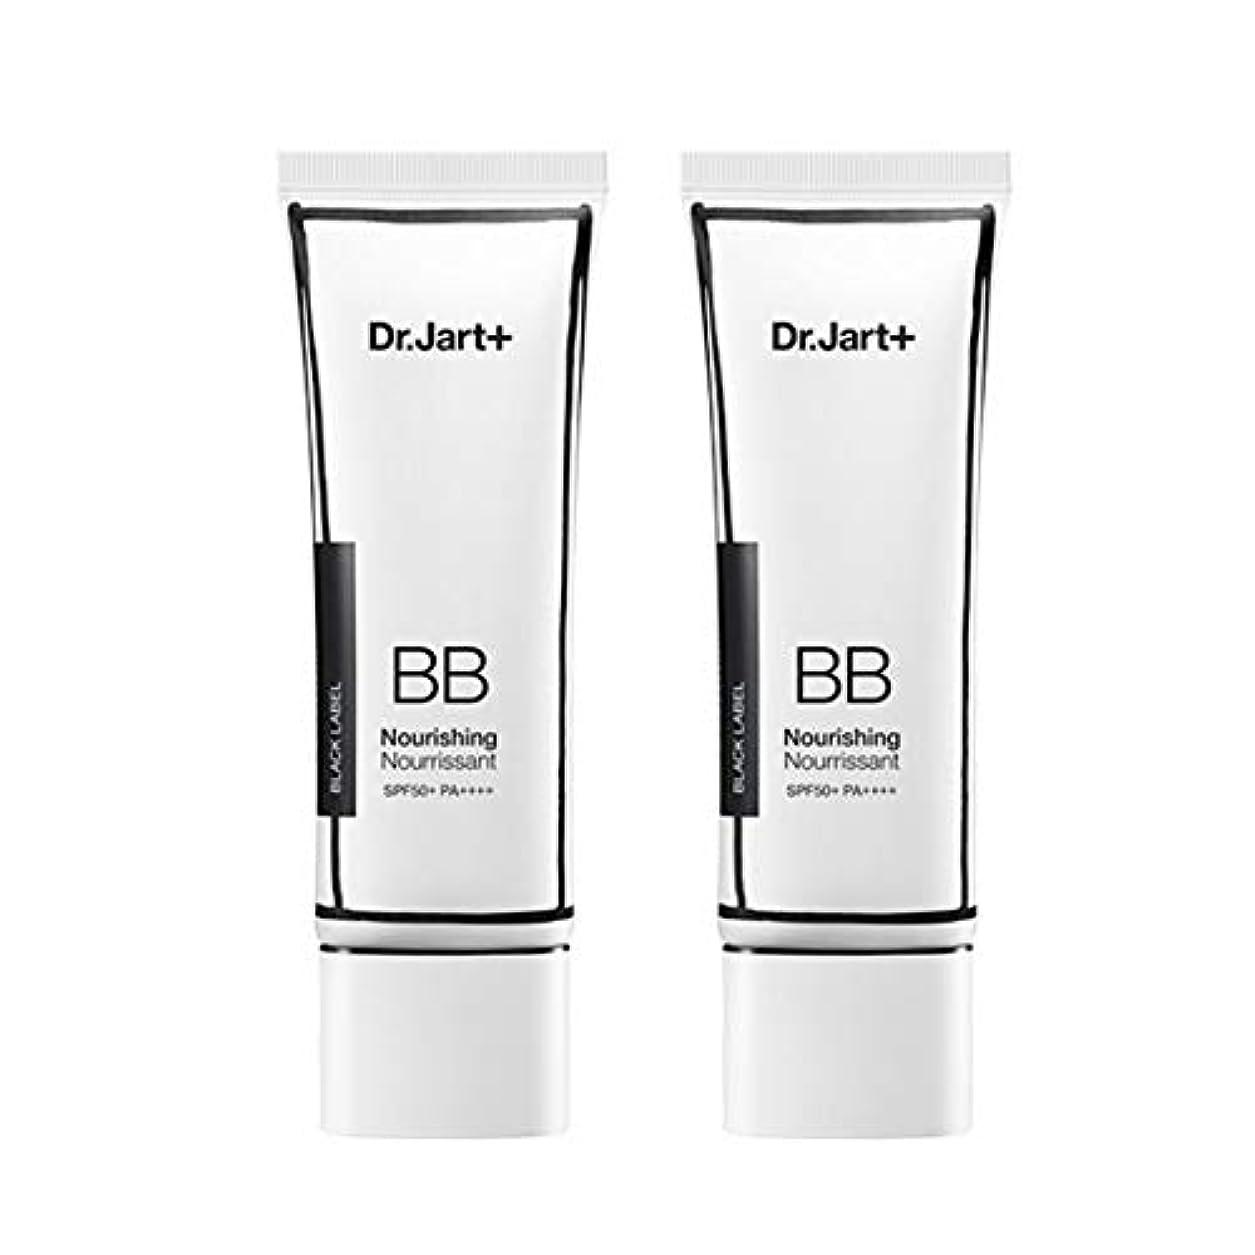 一時解雇する満州民兵ドクタージャルトゥザメイクアップノリシンビューティーbalm 50ml x 2本セットBBクリーム、Dr.Jart Dermakeup Nourishing Beauty Balm 50ml x 2ea Set BB Cream...